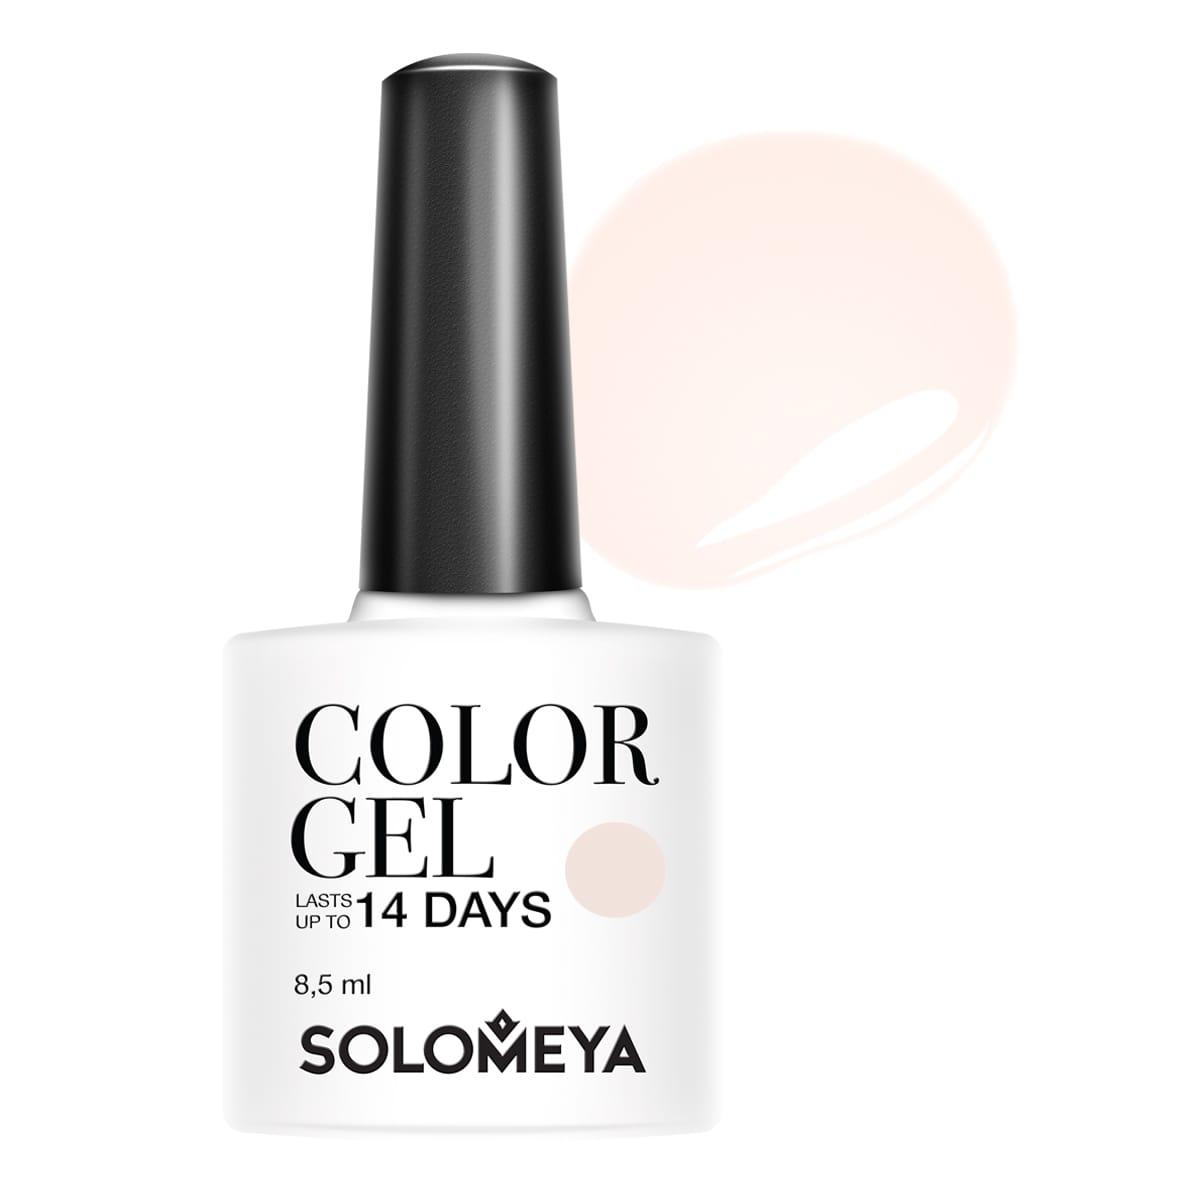 SOLOMEYA Гель-лак Solomeya Color Gel My tender SCGK007/Мой нежныйГель-лаки<br>Гель-лак Color Gel Solomeya подарит маникюру яркость, палитру из 100 оттенков и стойкость до 21 дня. Благодаря оптимальной консистенции он легко и равномерно наносится, не оставляя пузырьков и проплешин. В состав гель-лака входят качественные красители, обеспечивающие высокую пигментированность каждого оттенка. Не содержит толуол, растворители и отвердители. Способ применения: поверх базового геля нанесите 1 тонкий слой средства, запечатывая торцы ногтей, и просушите в UV-лампе (36 Вт) 1 минуту или в LED-лампе - 30 секунд. Затем нанесите второй слой цветного гель-лака, также запечатывая торцы ногтей, и просушите в UV-лампе (36 Вт) 1 минуту или в LED-лампе - 30 секунд.<br><br>Цвет: Белые<br>Виды лака: Глянцевые